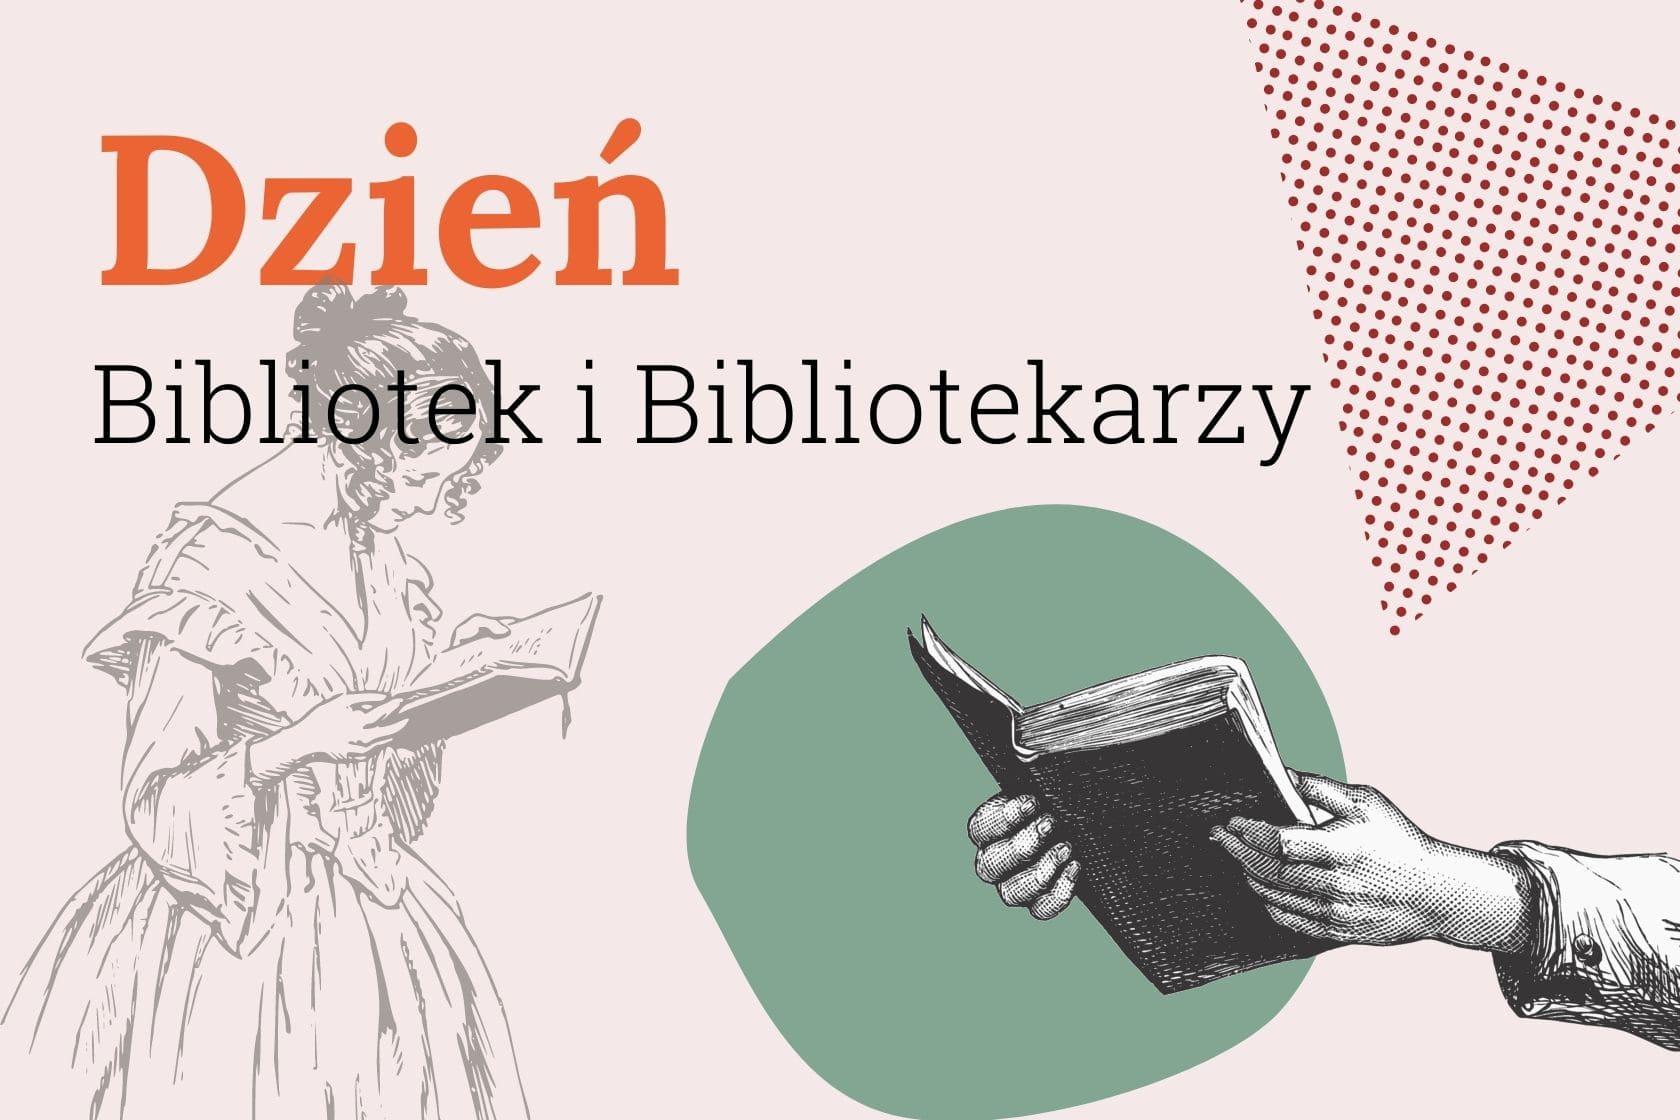 Dzień Bibliotek i Bibliotekarza, Wioletta Olczak-Hut, Edyta Janczak, biblioteki